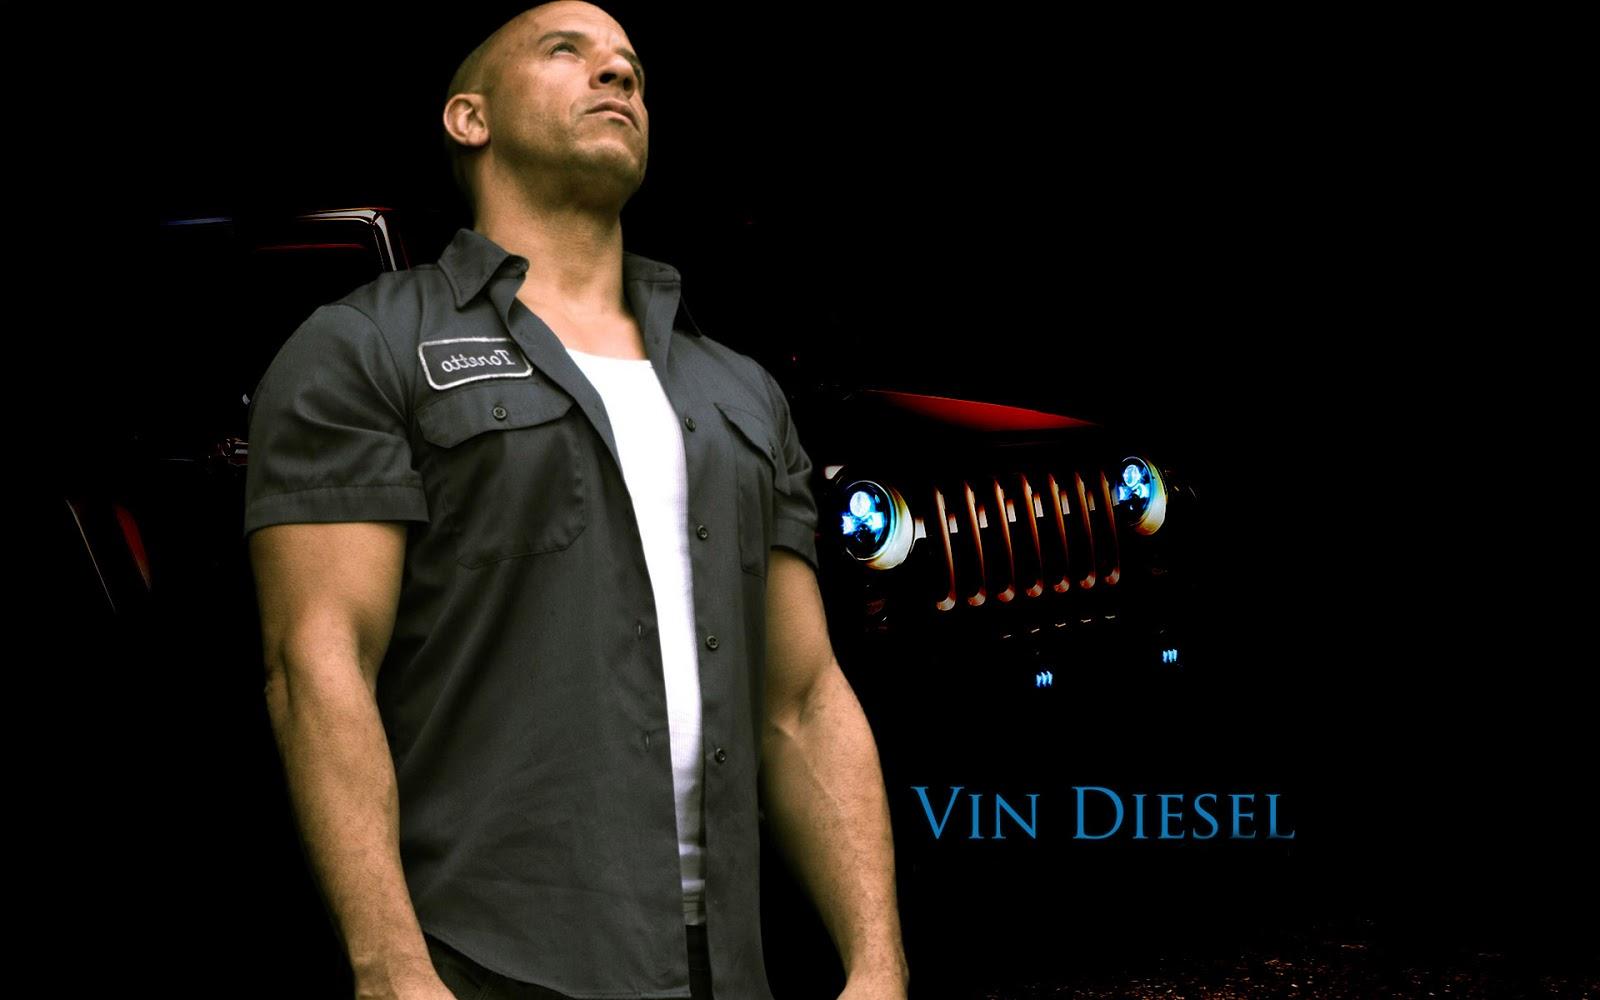 Vin Diesel 2016 Body